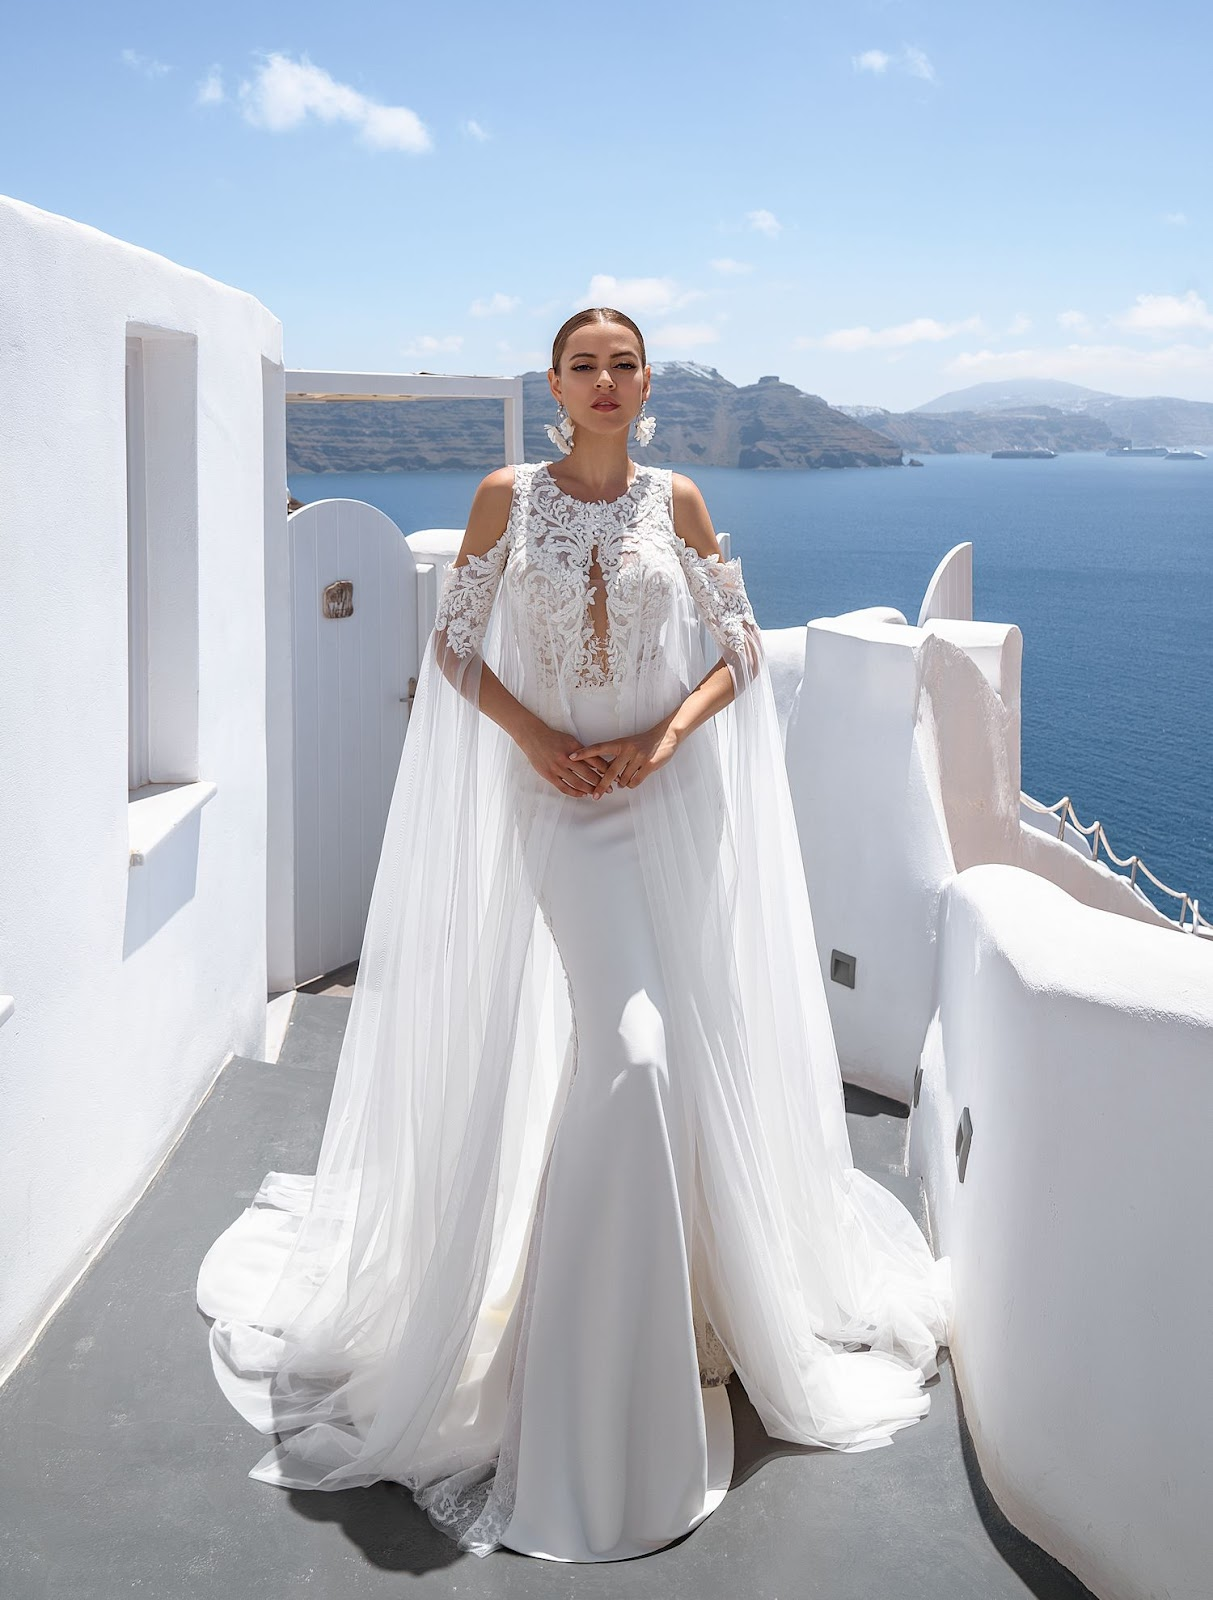 Весільна сукня з рукавами-накидками